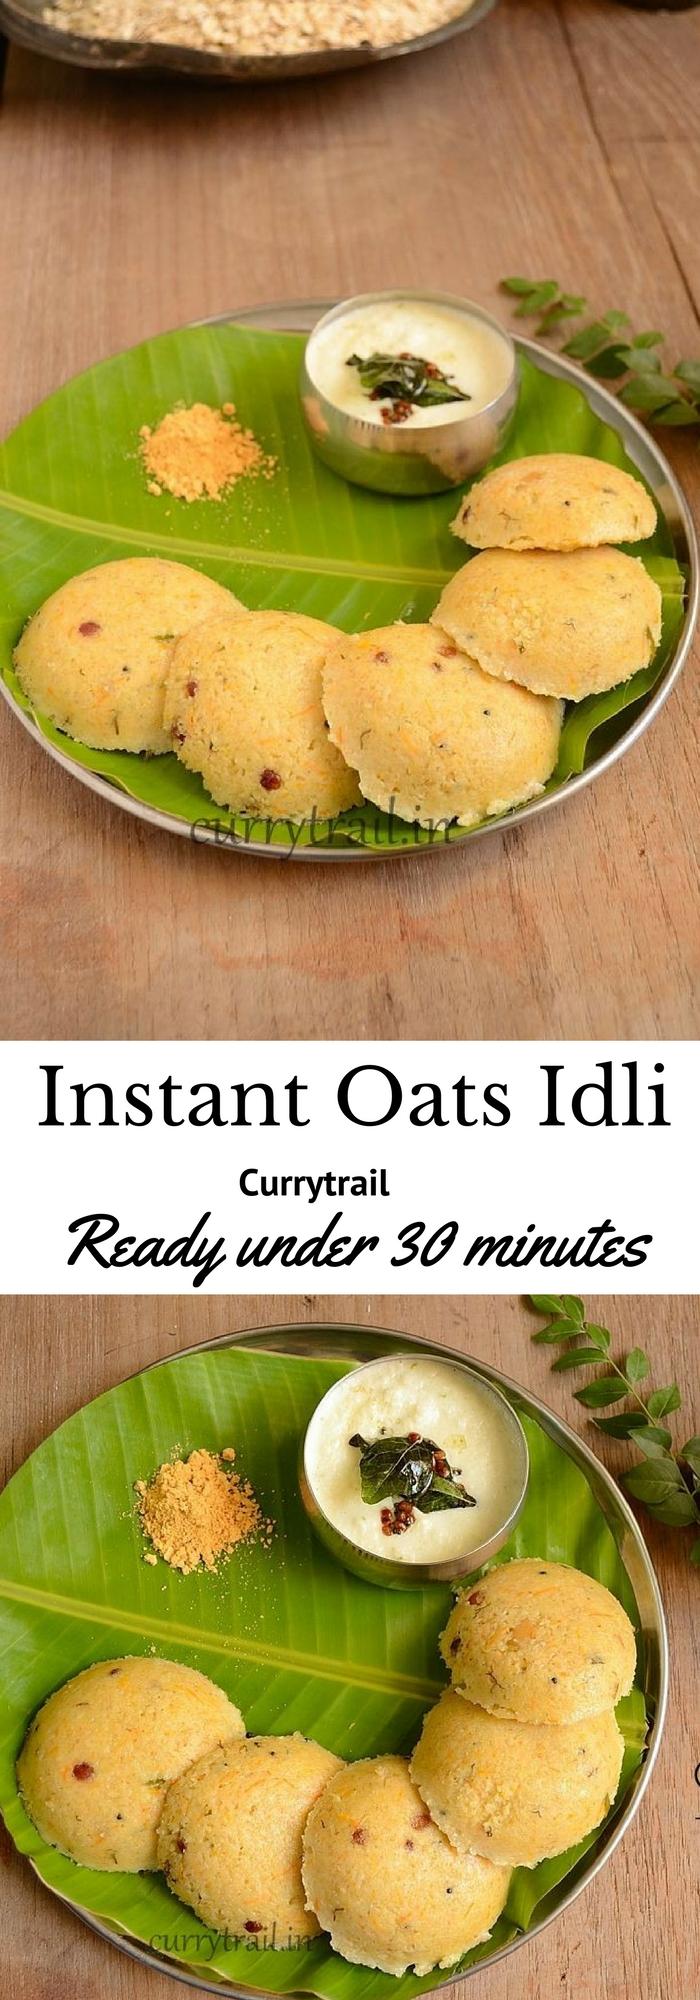 Instant Oats Idli